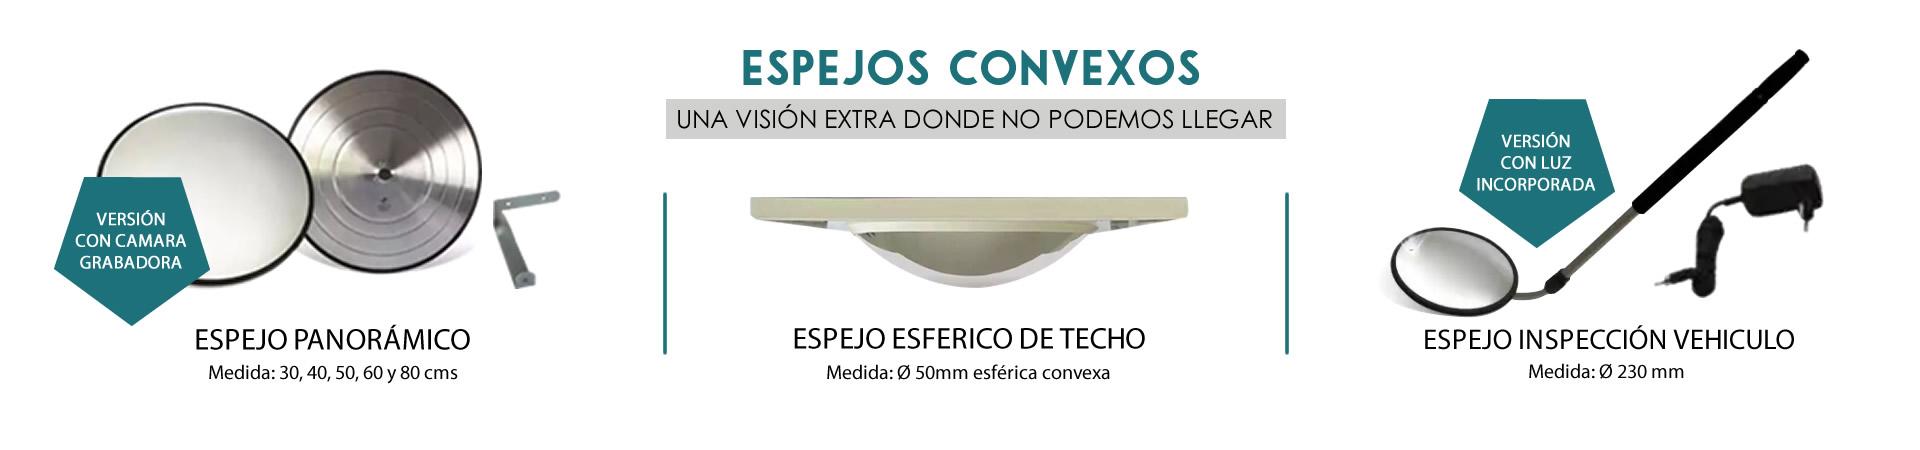 Baner_productos_espejos_convexos